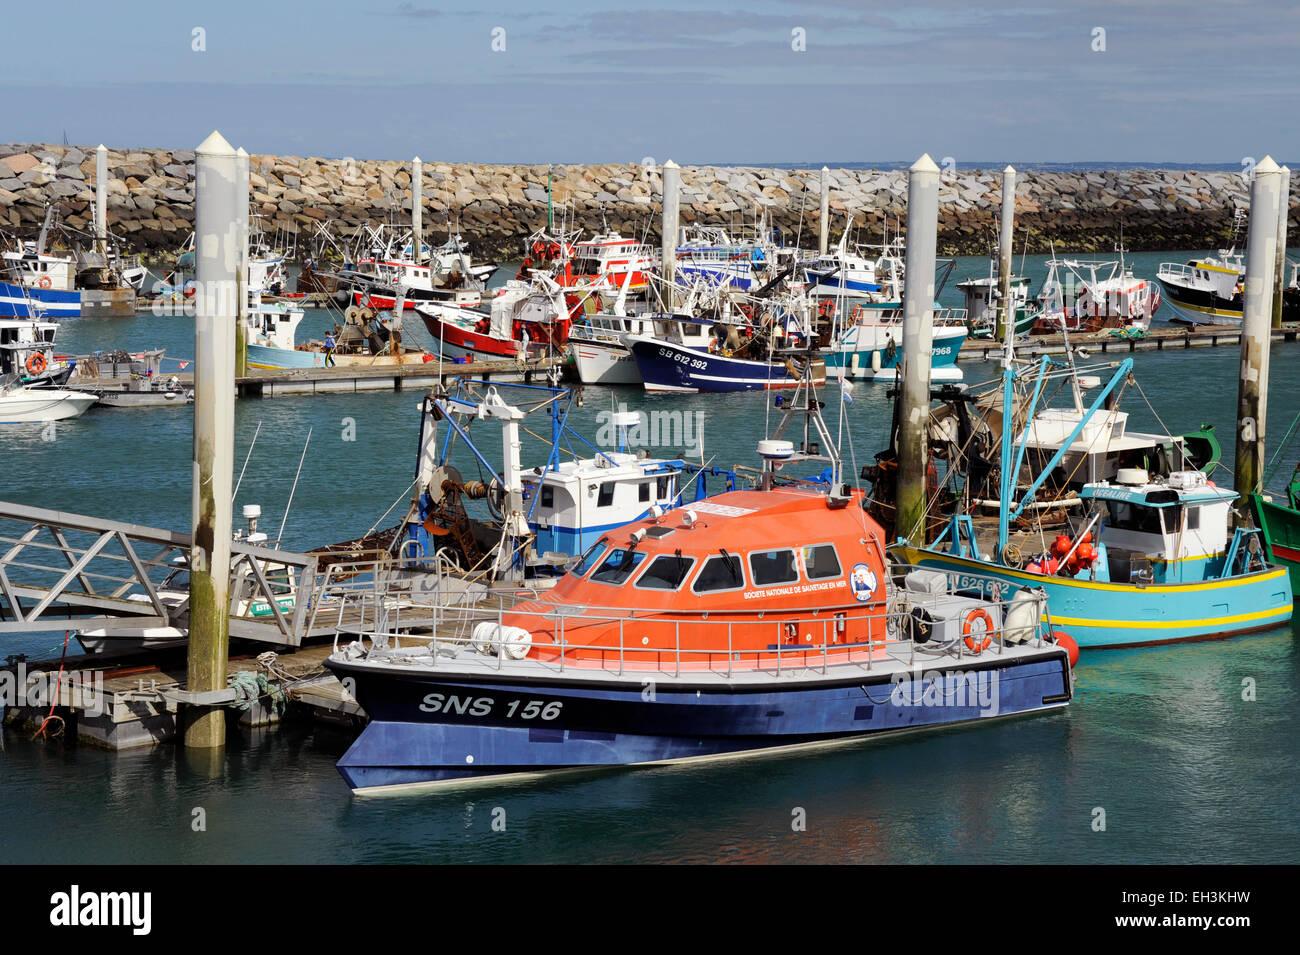 Saint-Quay-portrieux puerto pesquero,SNS salvavidas,Cotes d'Armor, Bretaña, Bretaña, Francia Imagen De Stock